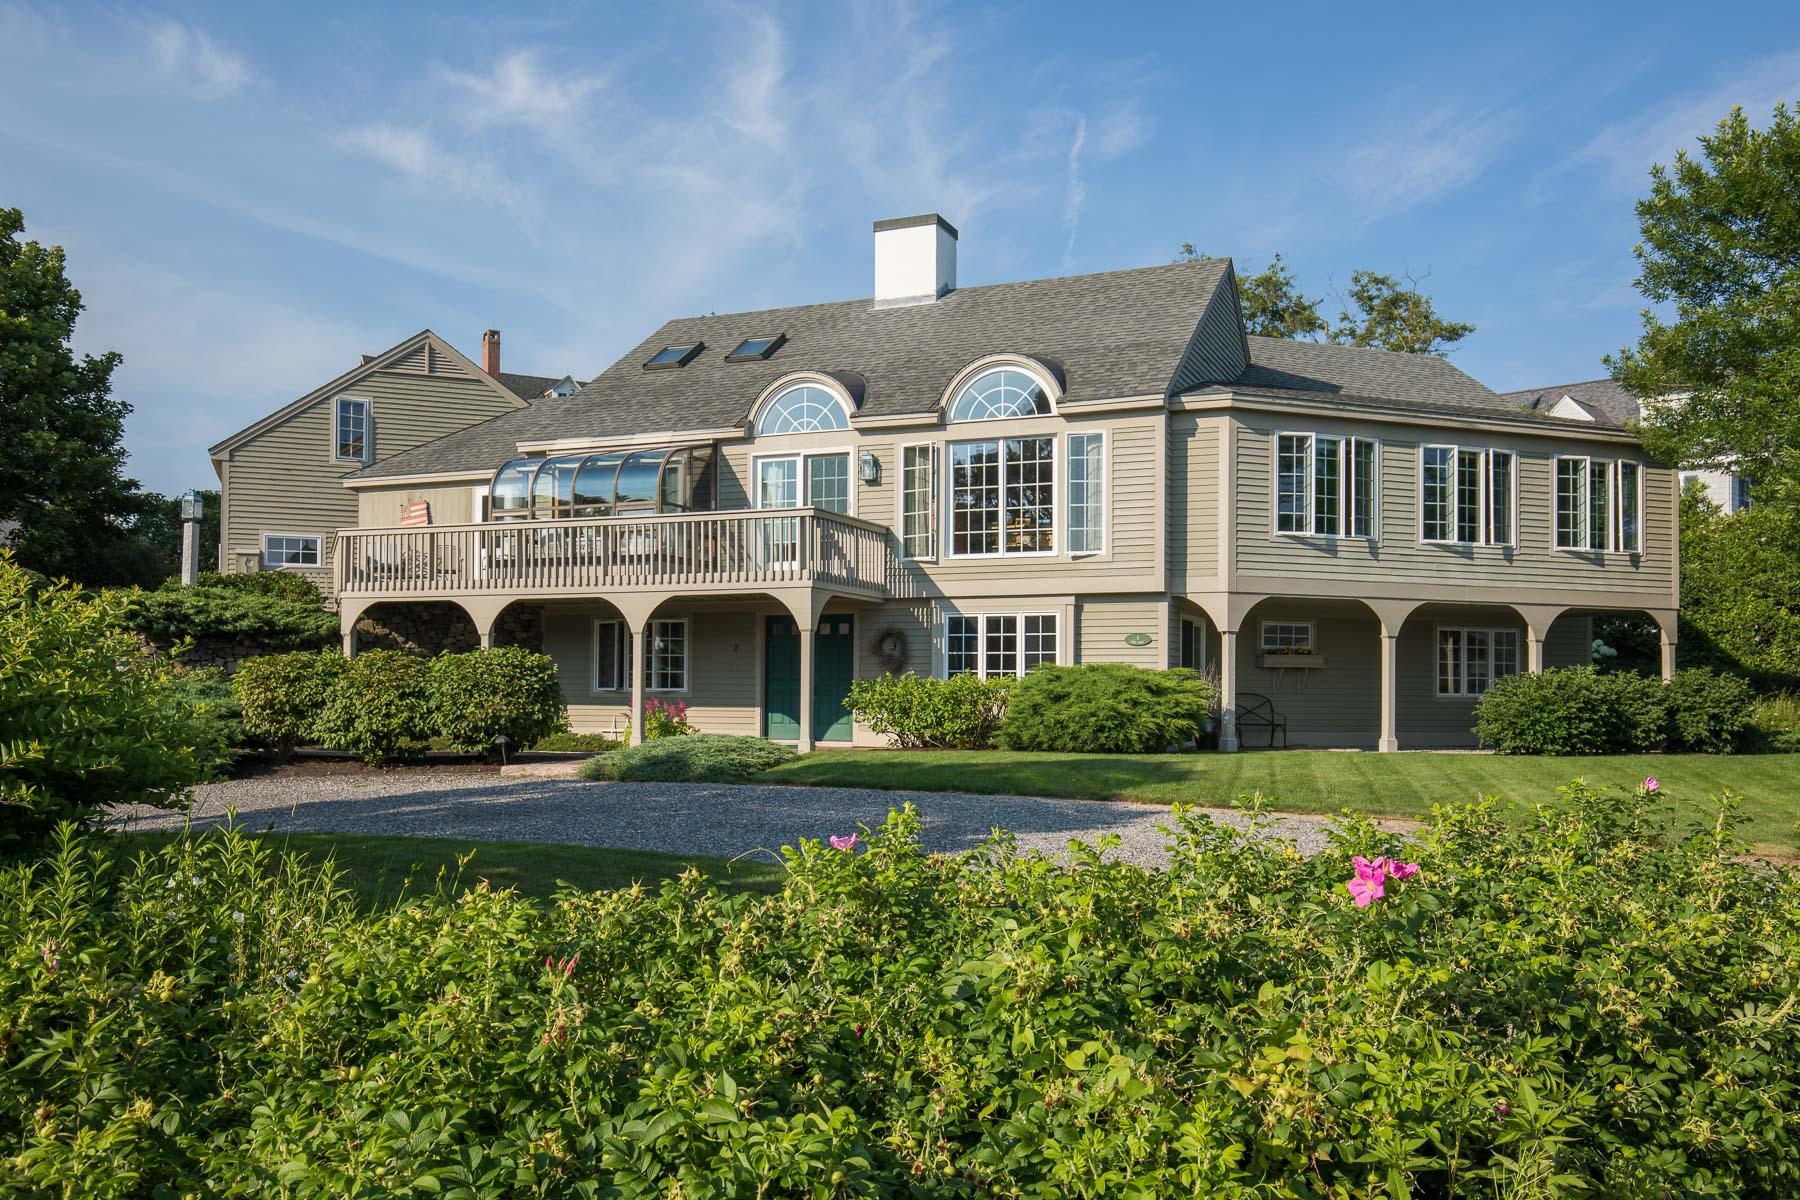 Maison unifamiliale pour l Vente à 2 Fort Lane Kennebunk, Maine, 04043 États-Unis